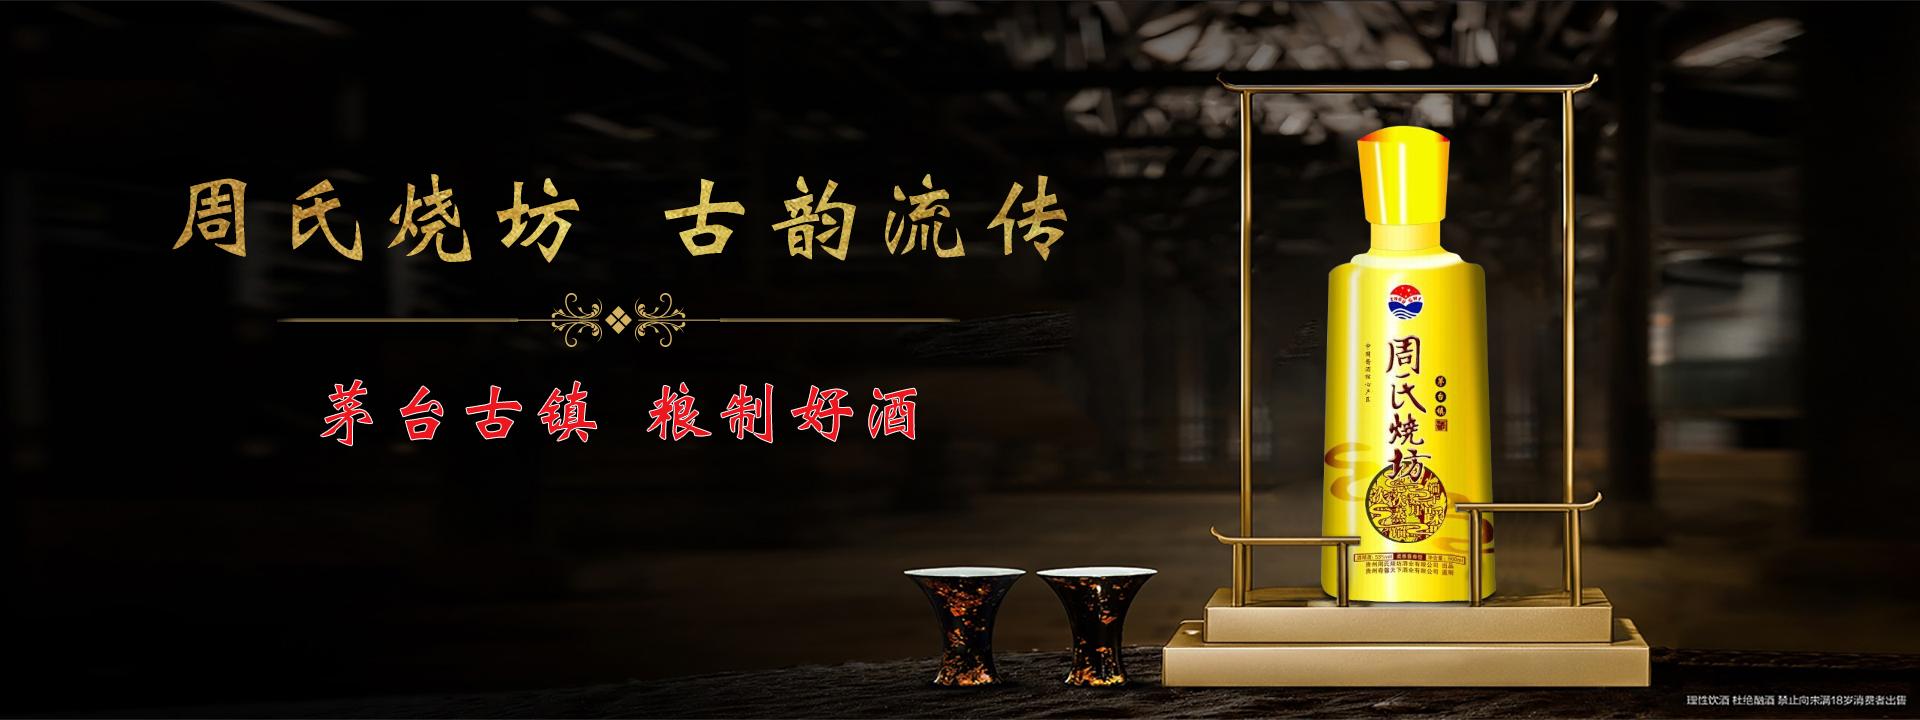 周氏酒系列